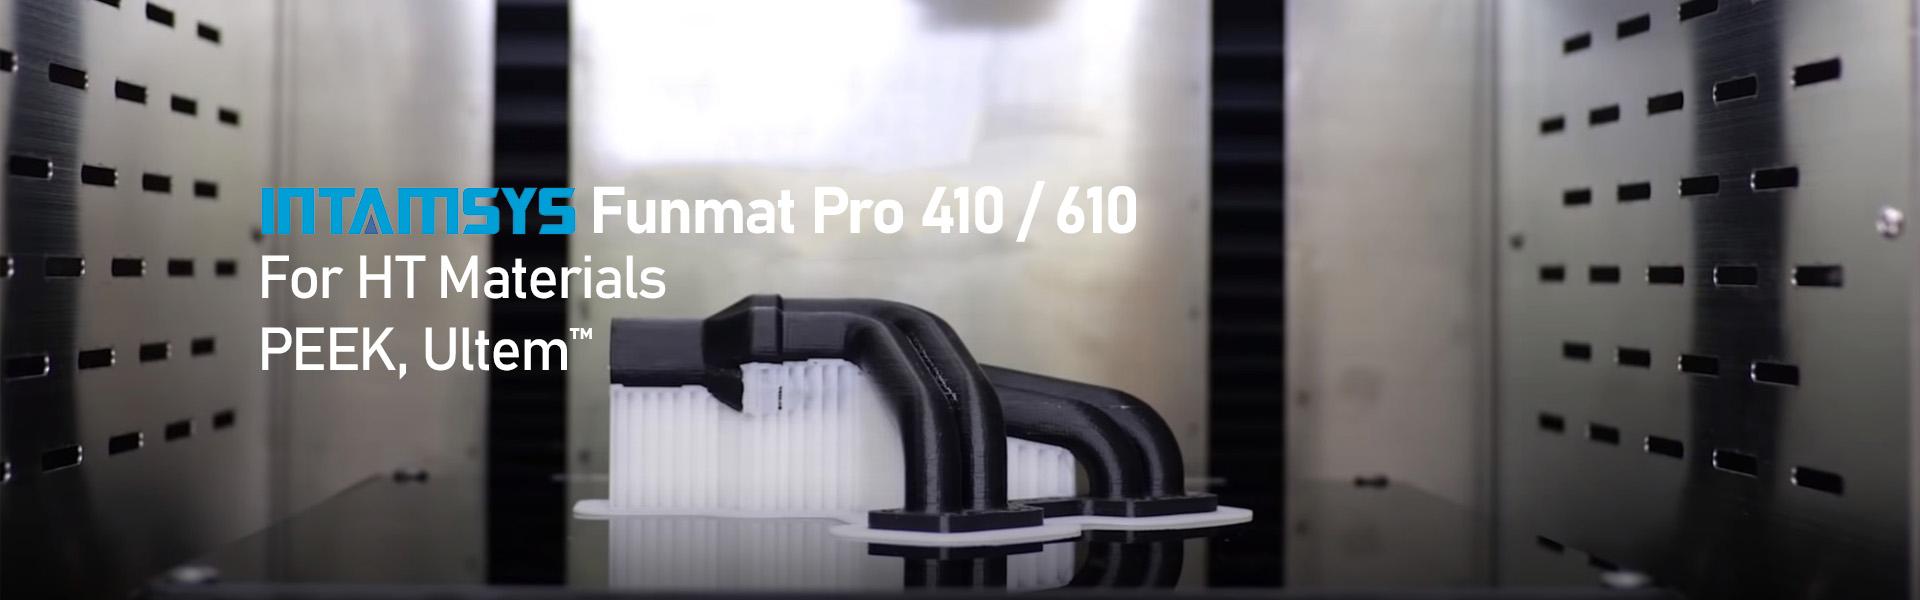 Intamsys Funmat 410 610 3D printer